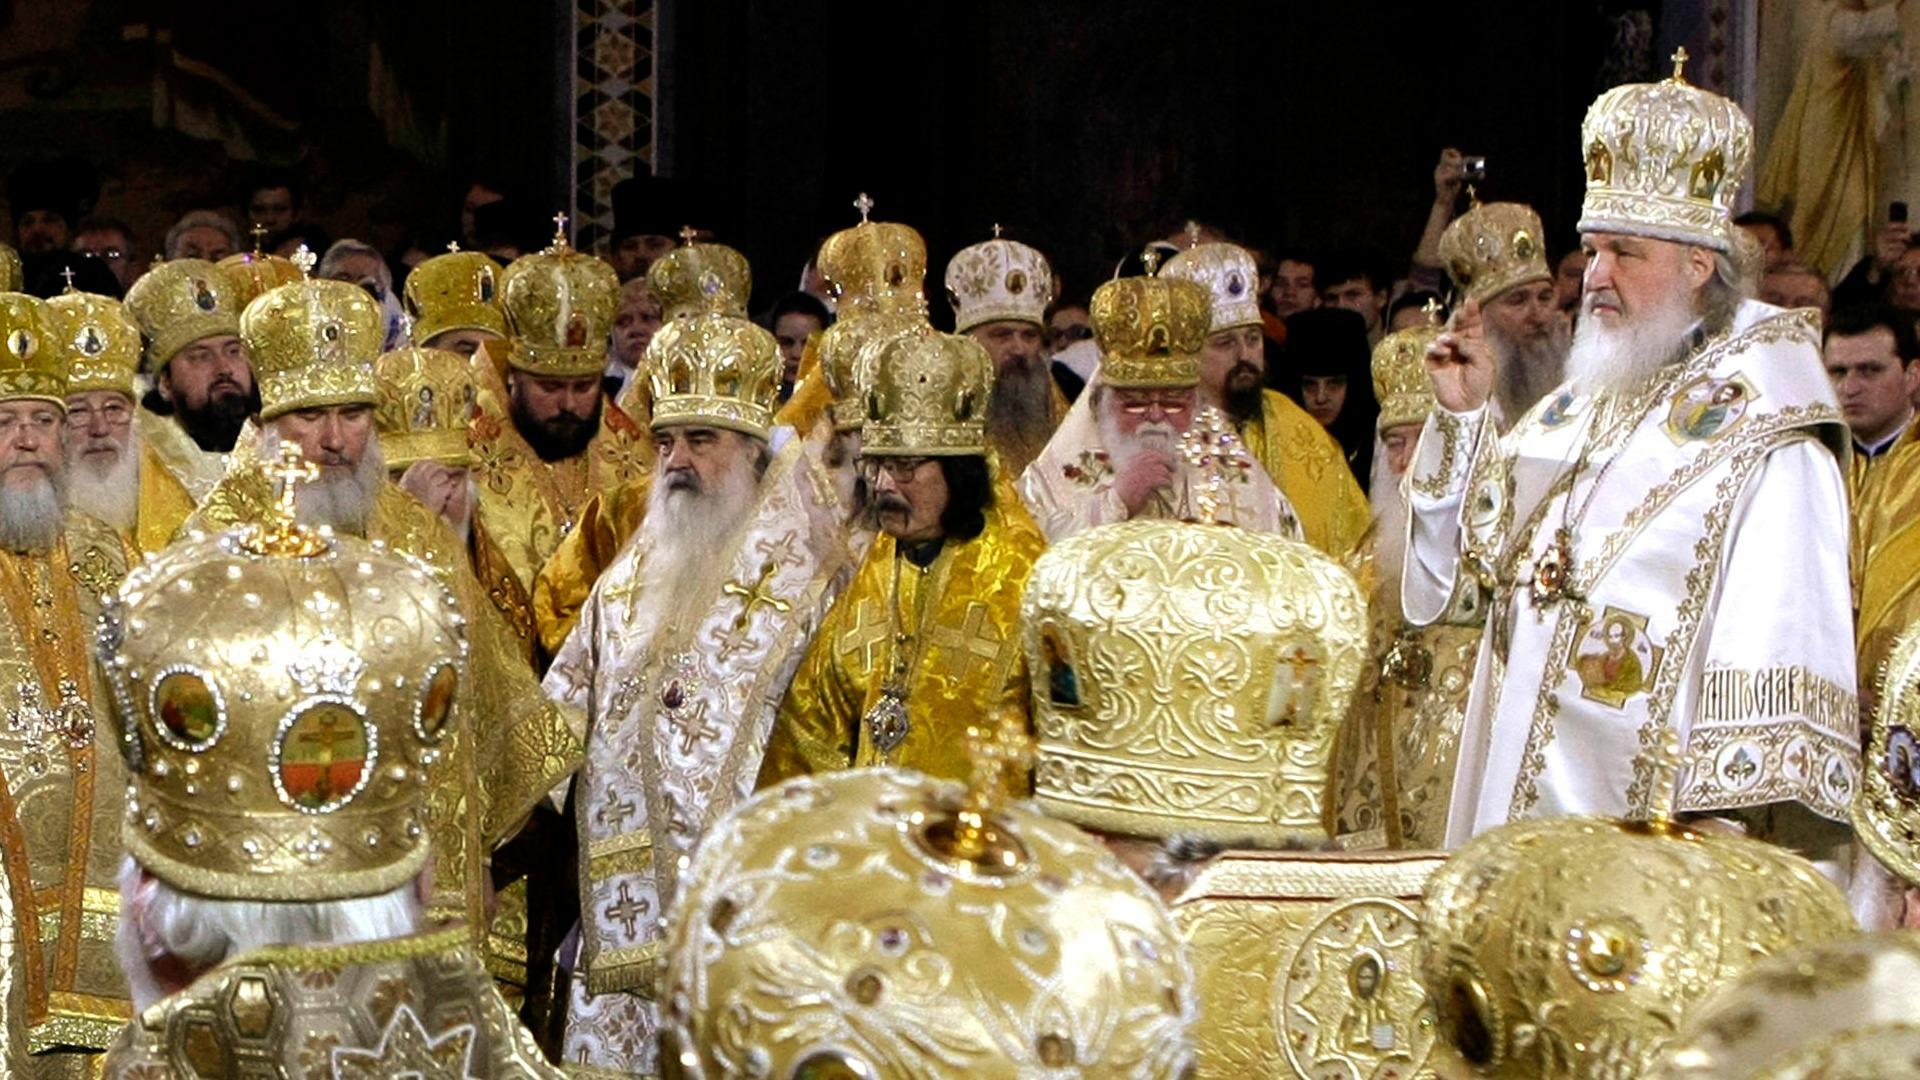 L'église orthodoxe russe envoyé